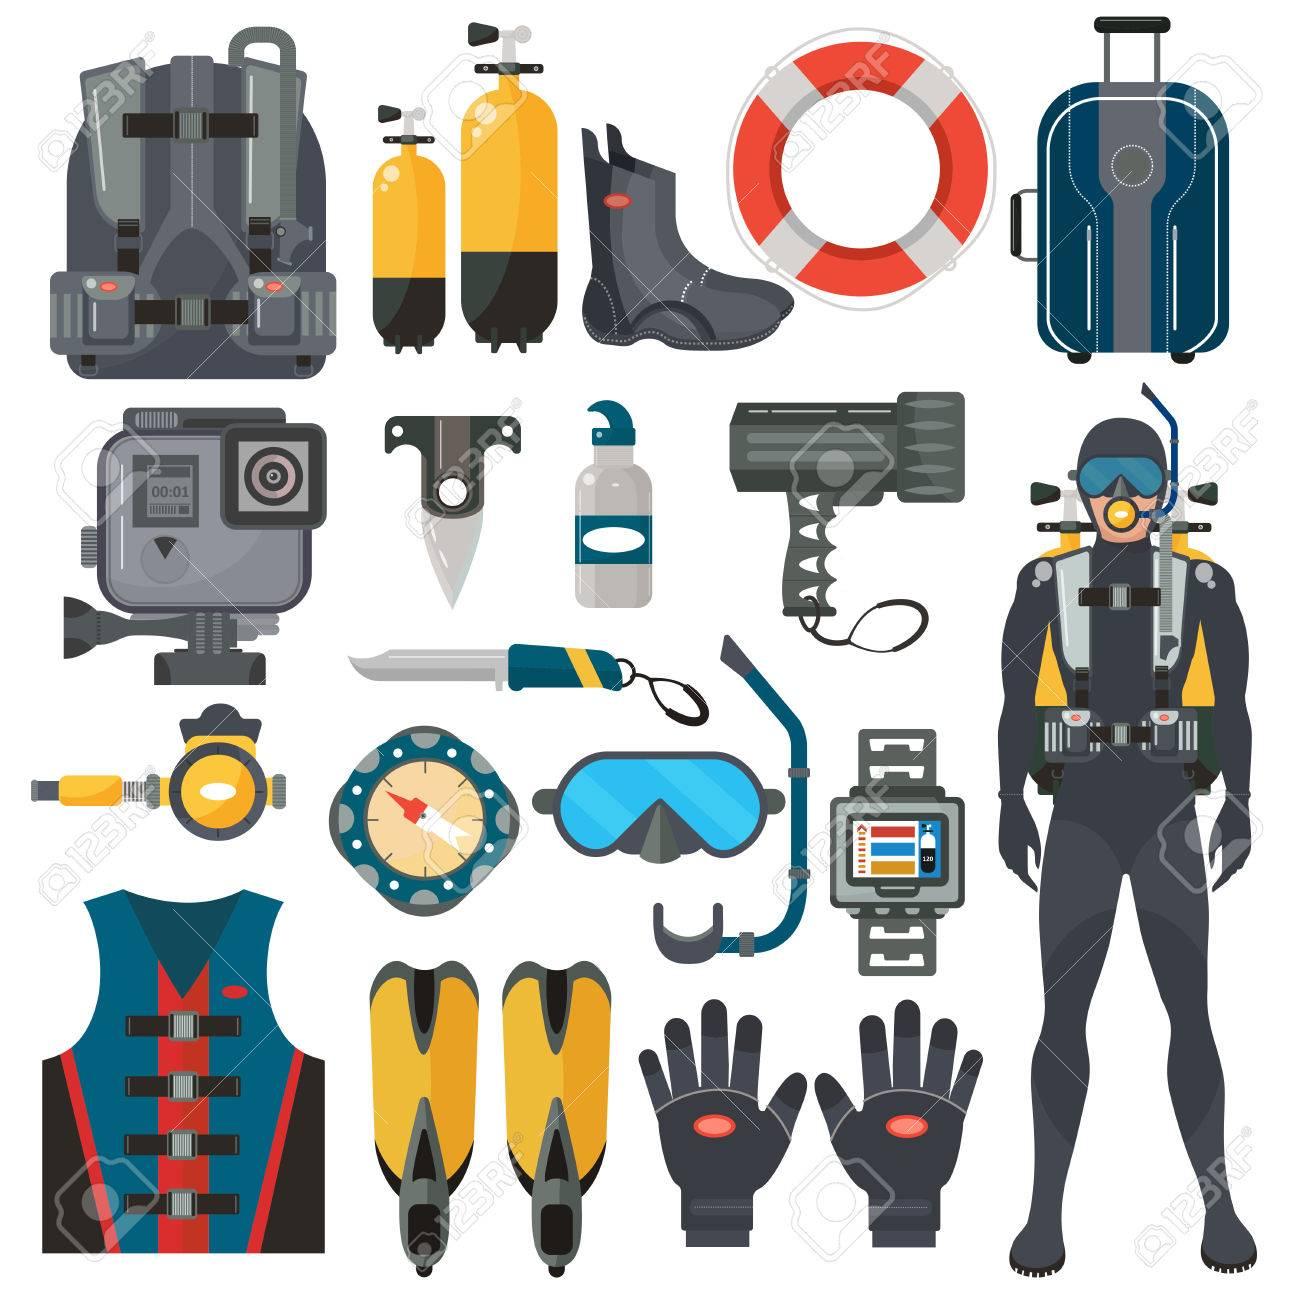 beauté qualité et quantité assurées sur des coups de pieds de Plongée accessoires de matériel de plongée collection. Diver homme en  combinaison sous-marine. la chasse sous-marine et le sport de natation